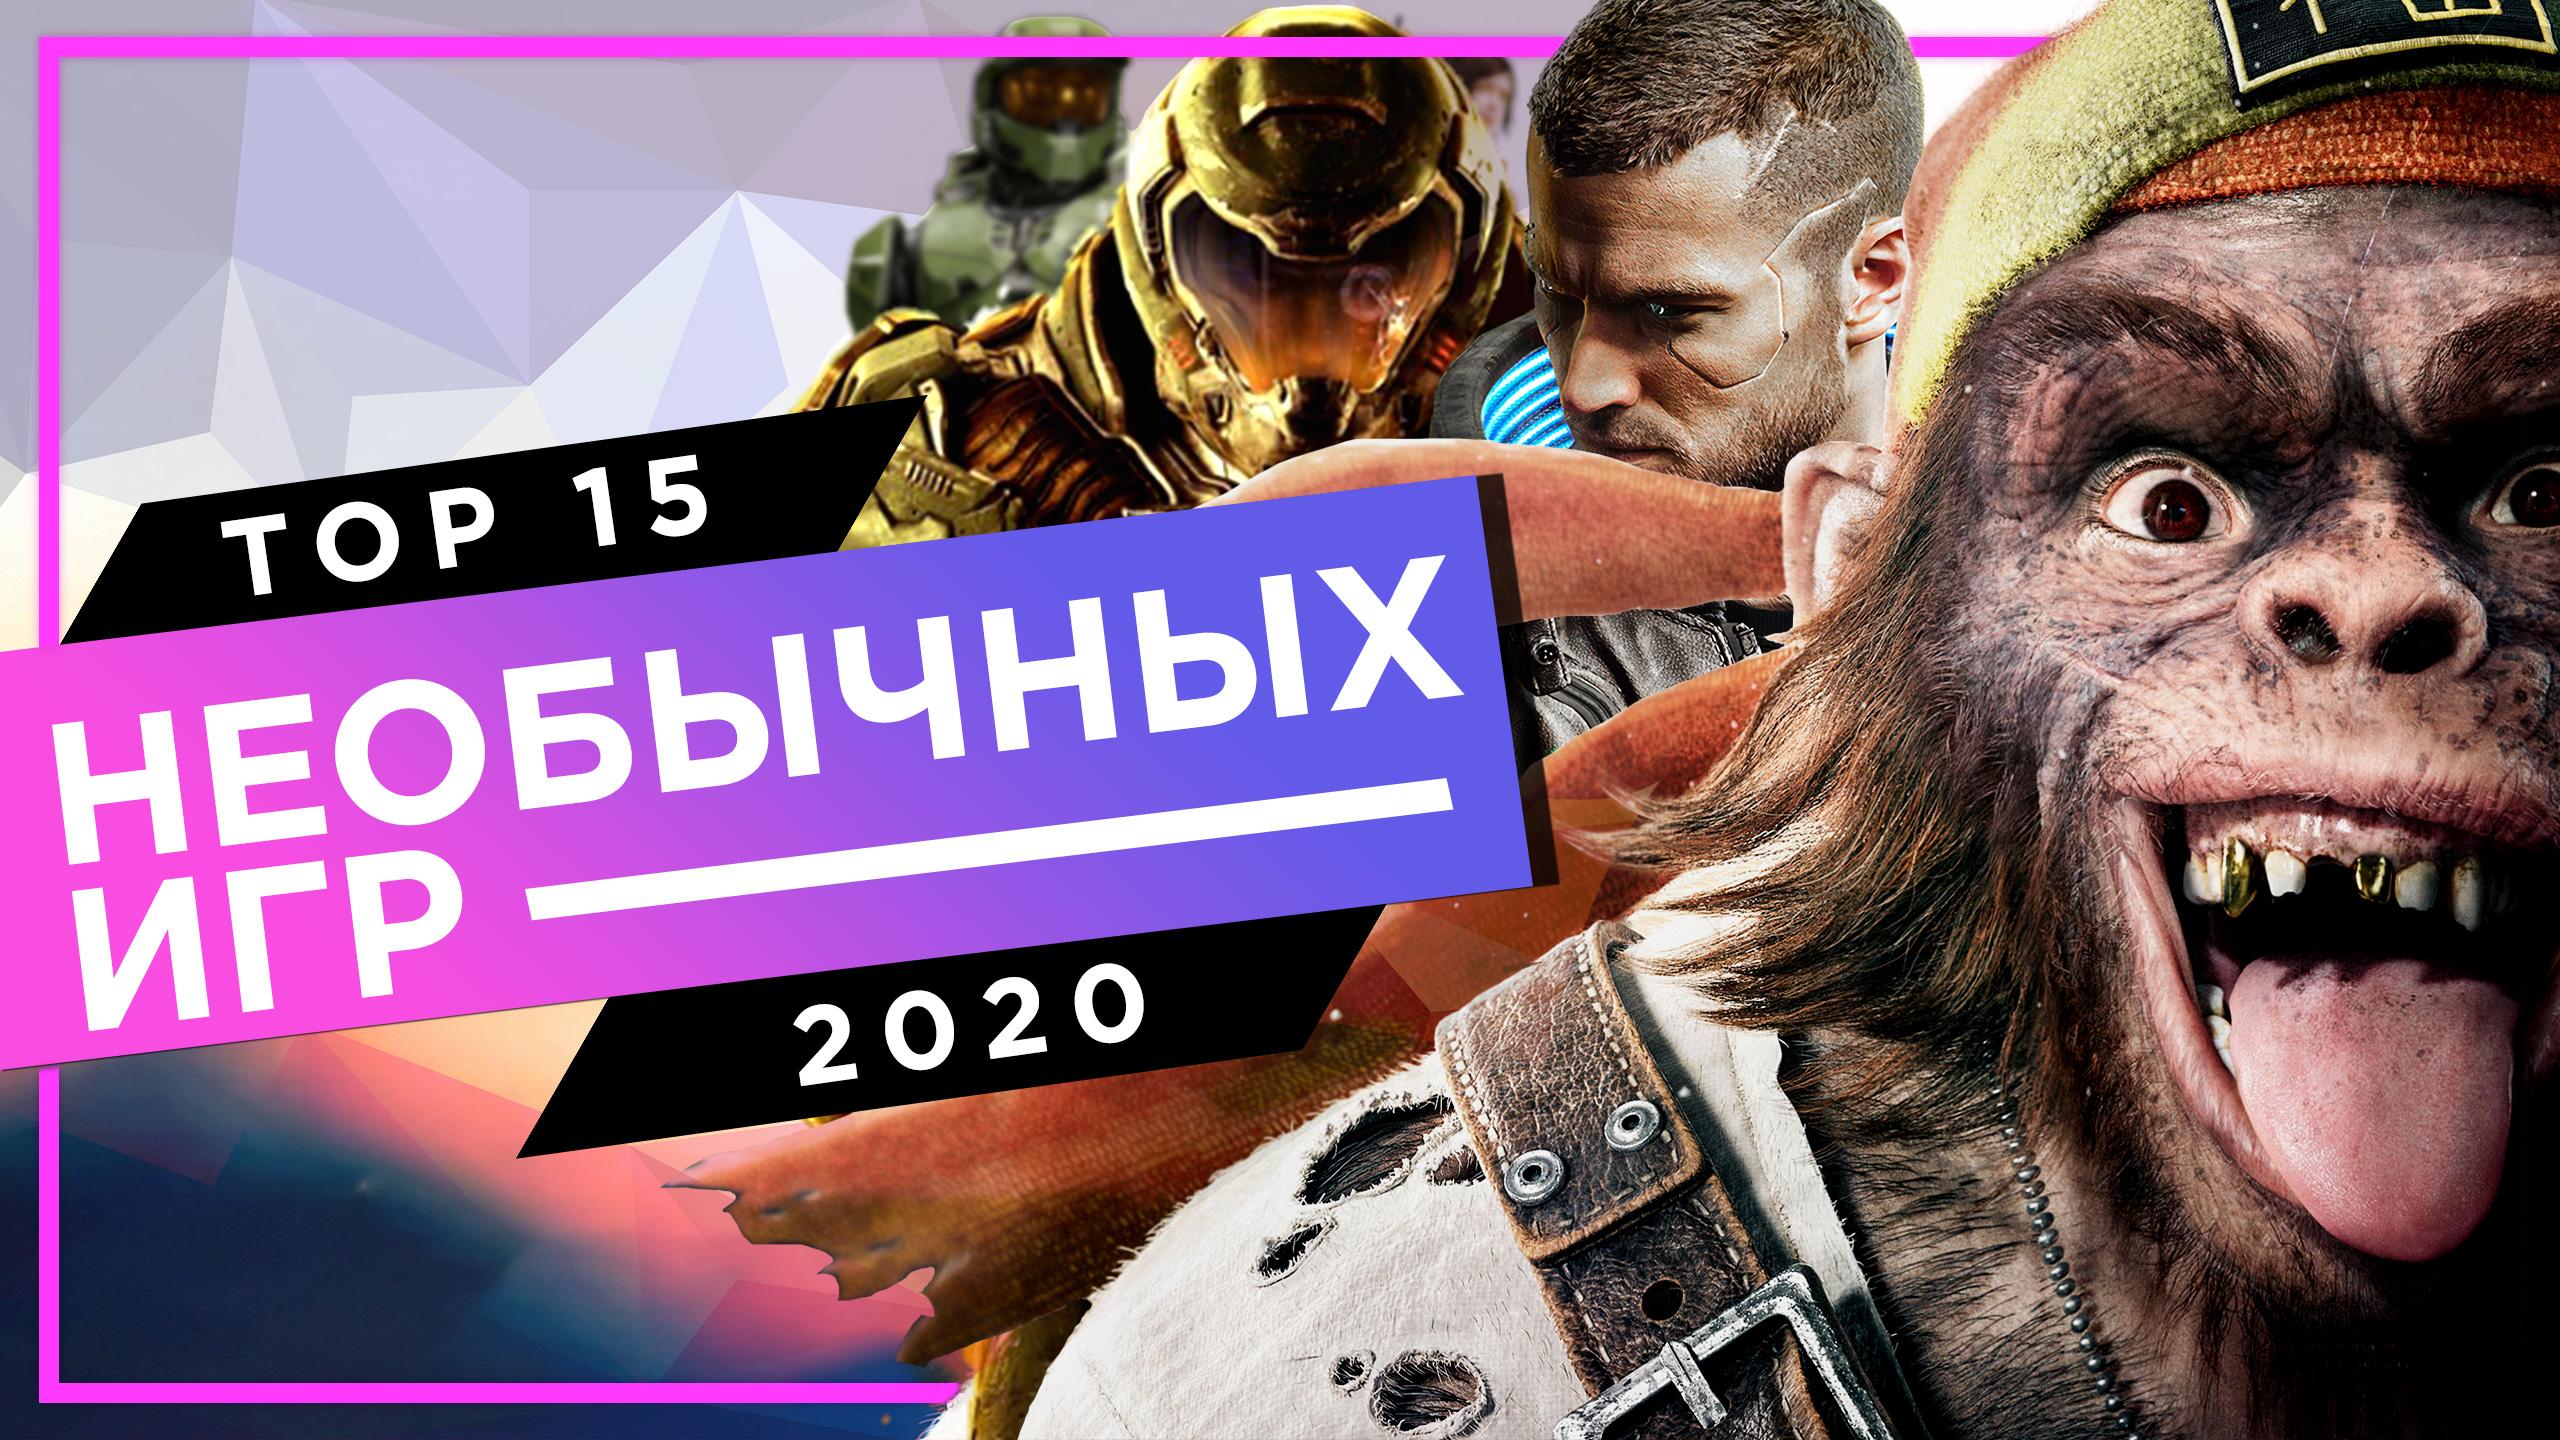 Подборка необычных игр 2020 года